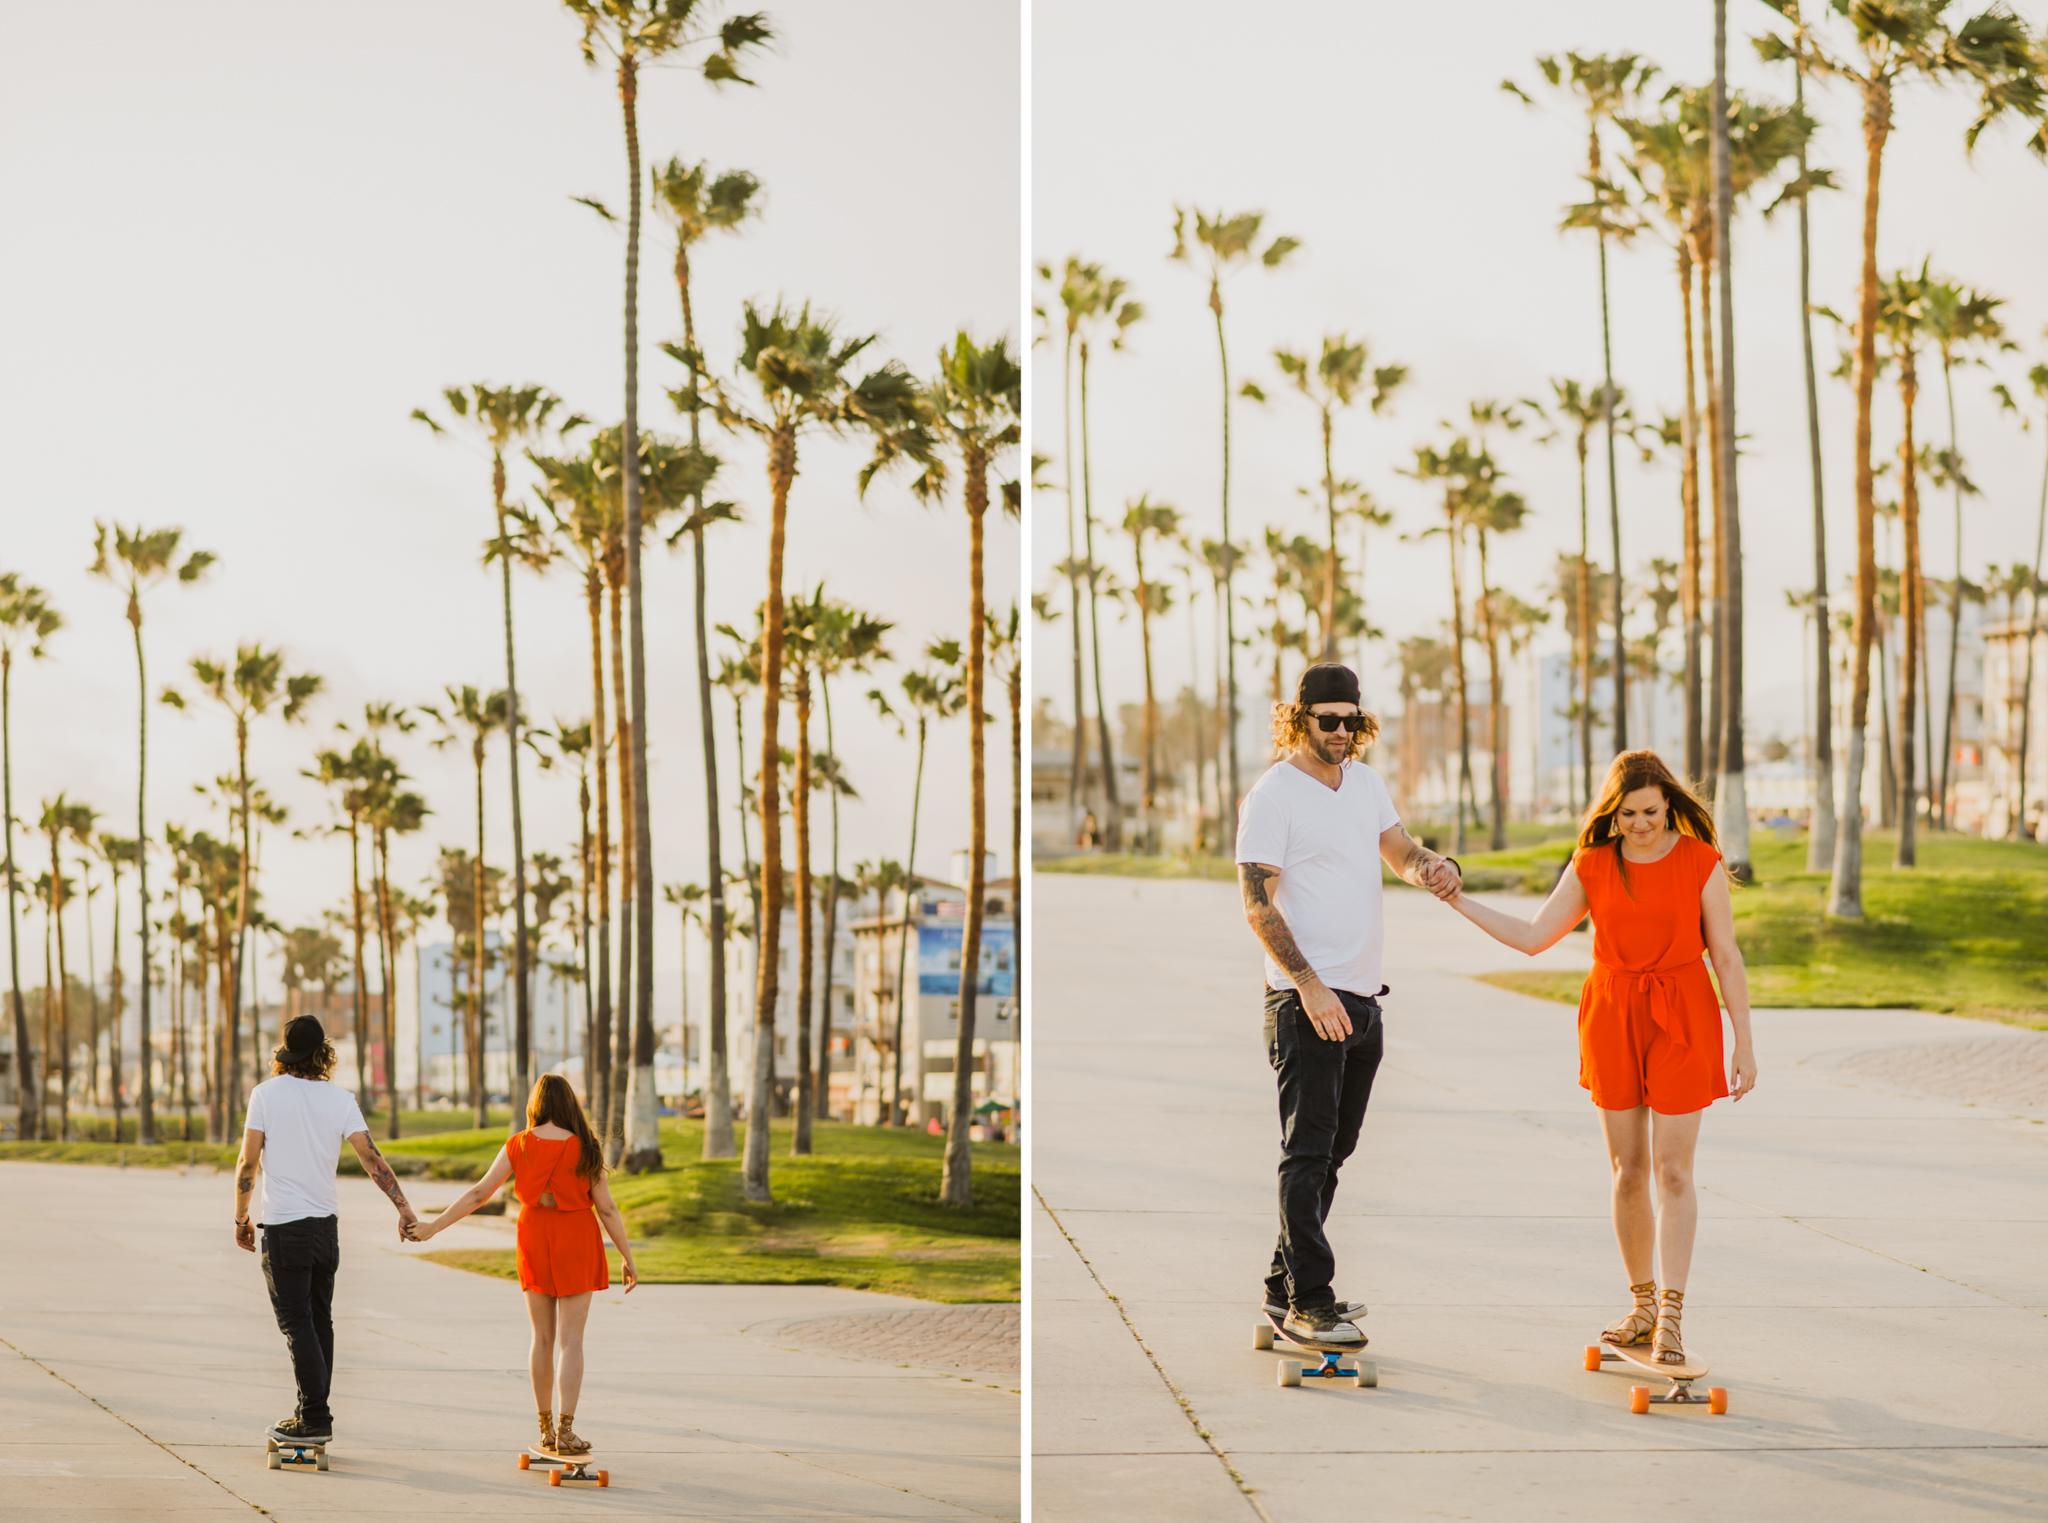 ©Isaiah & Taylor Photography  - Los Angeles Wedding Photographer - Venice Beach-43.jpg